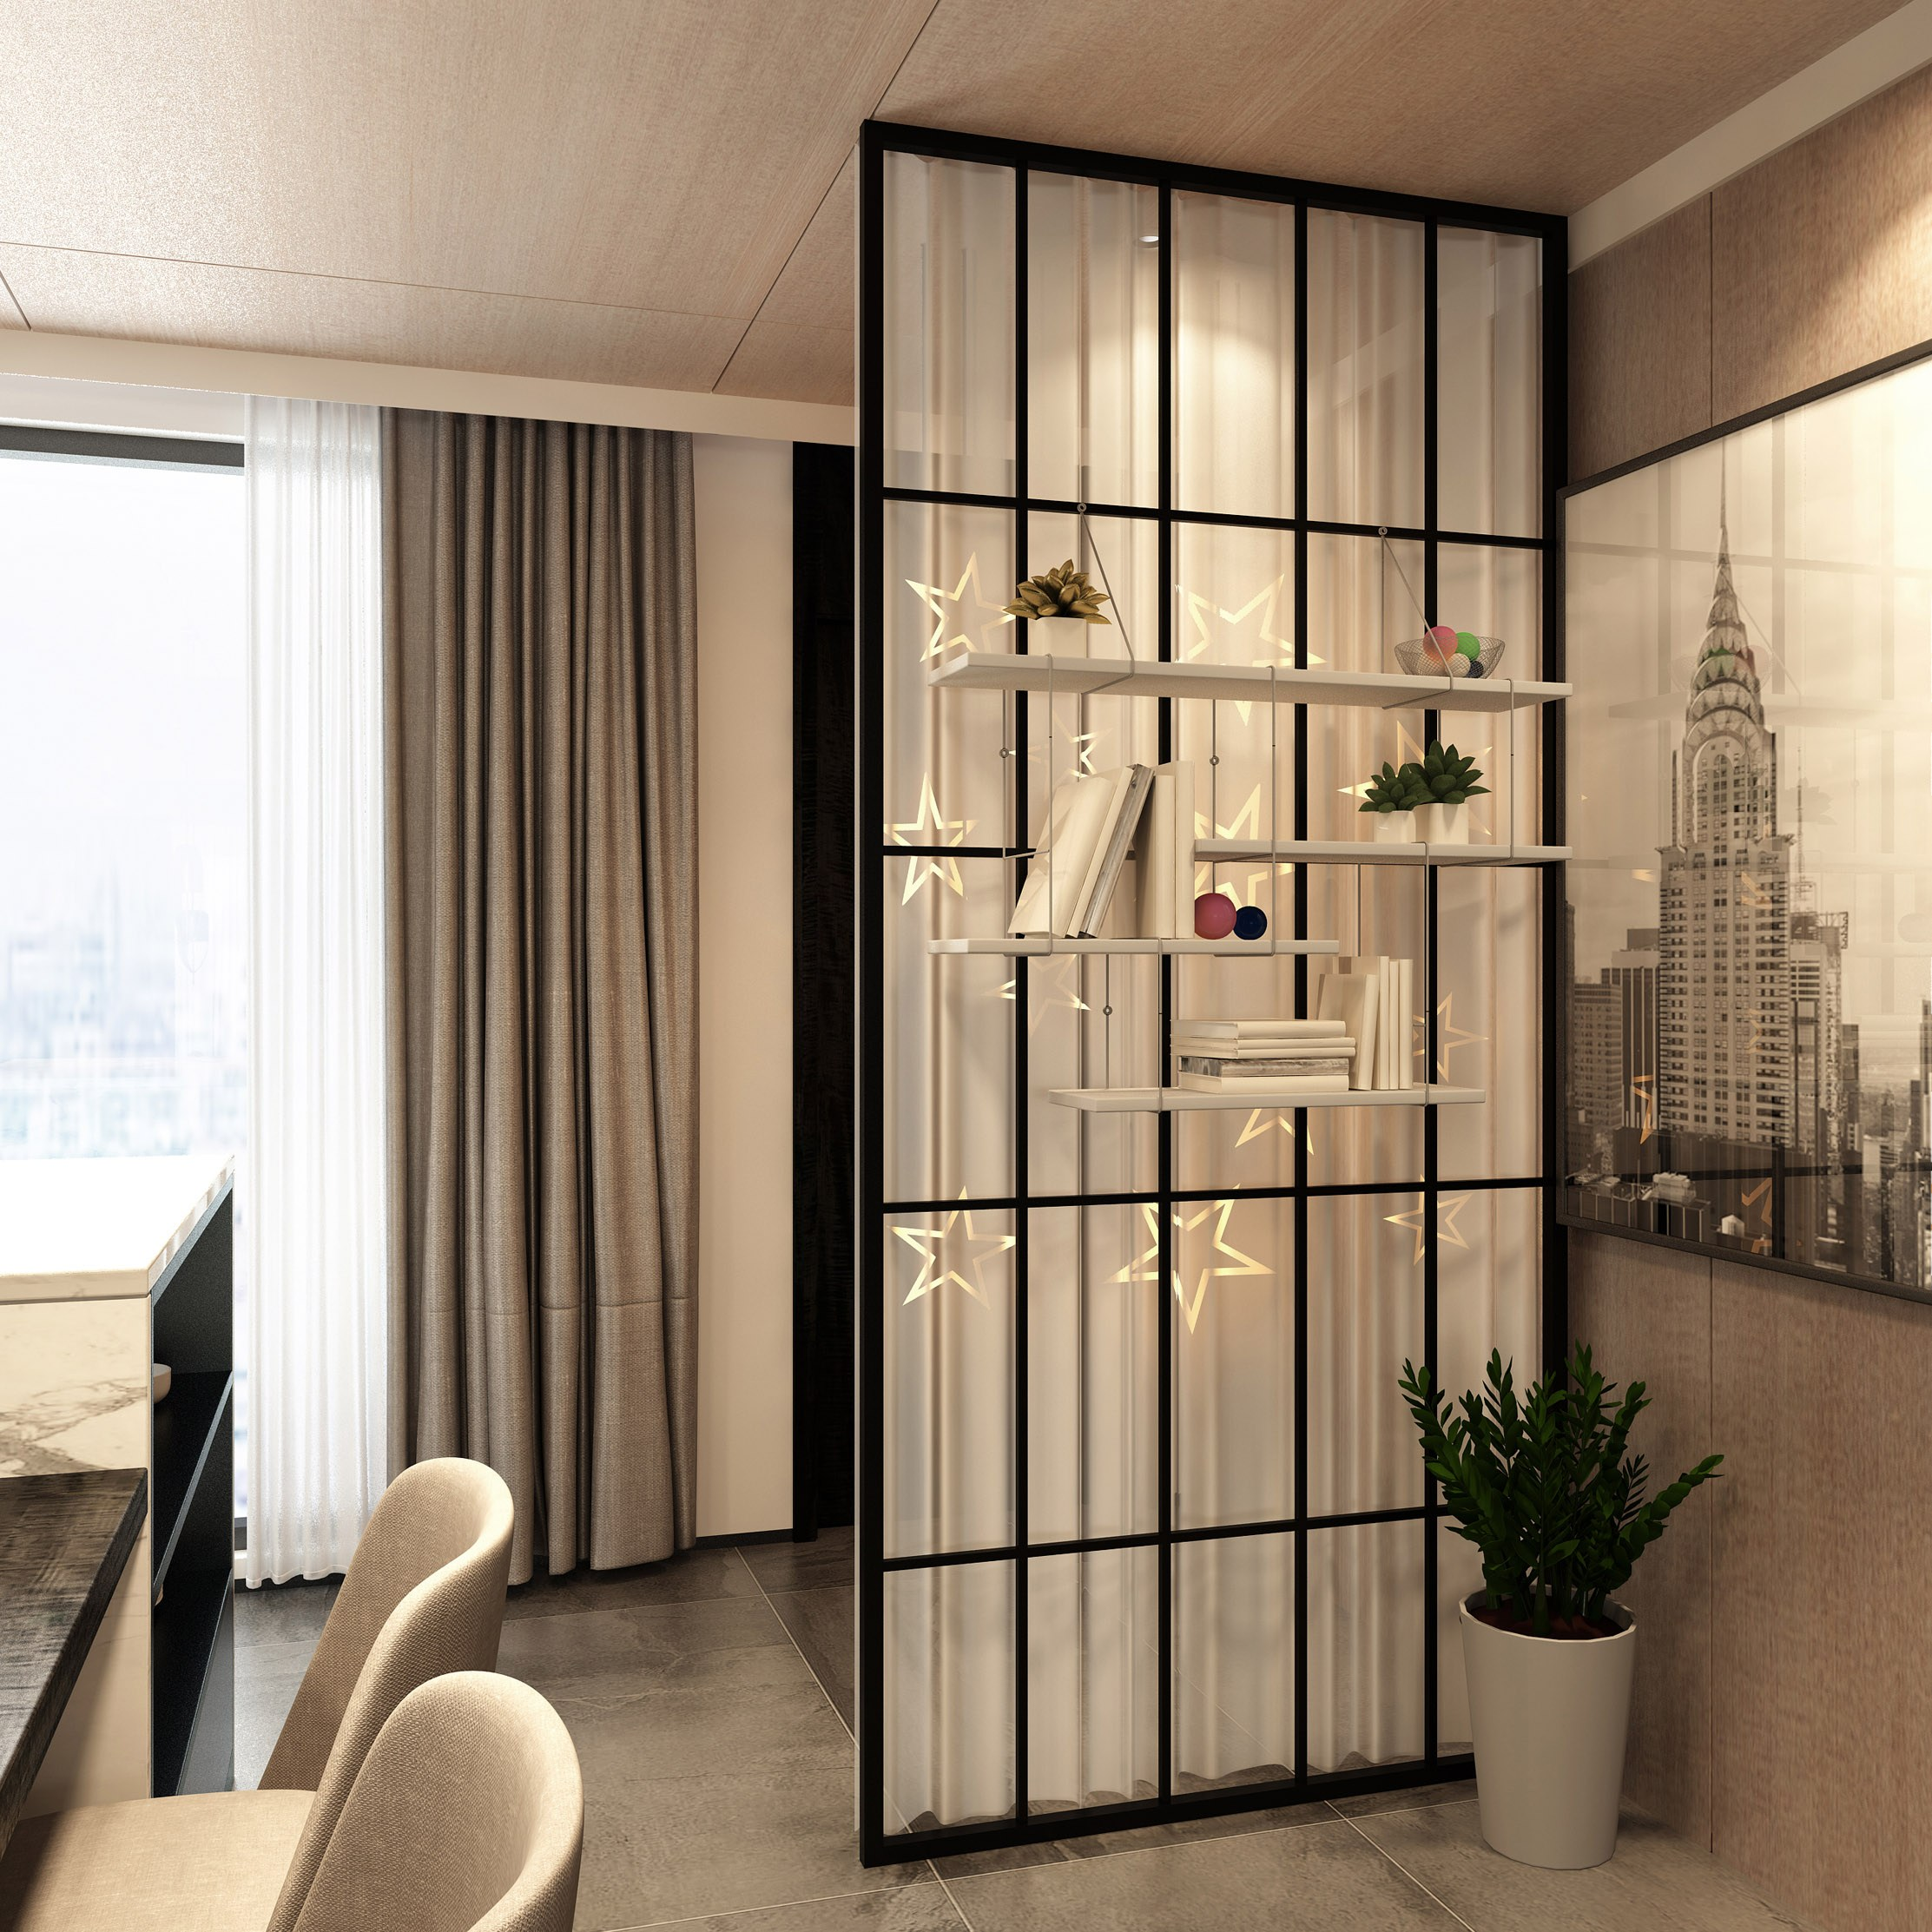 모던디자인 주방 현관 침실 철제가벽 셀프가벽 원룸파티션 경량칸막이, 설치형 화이트 90x210